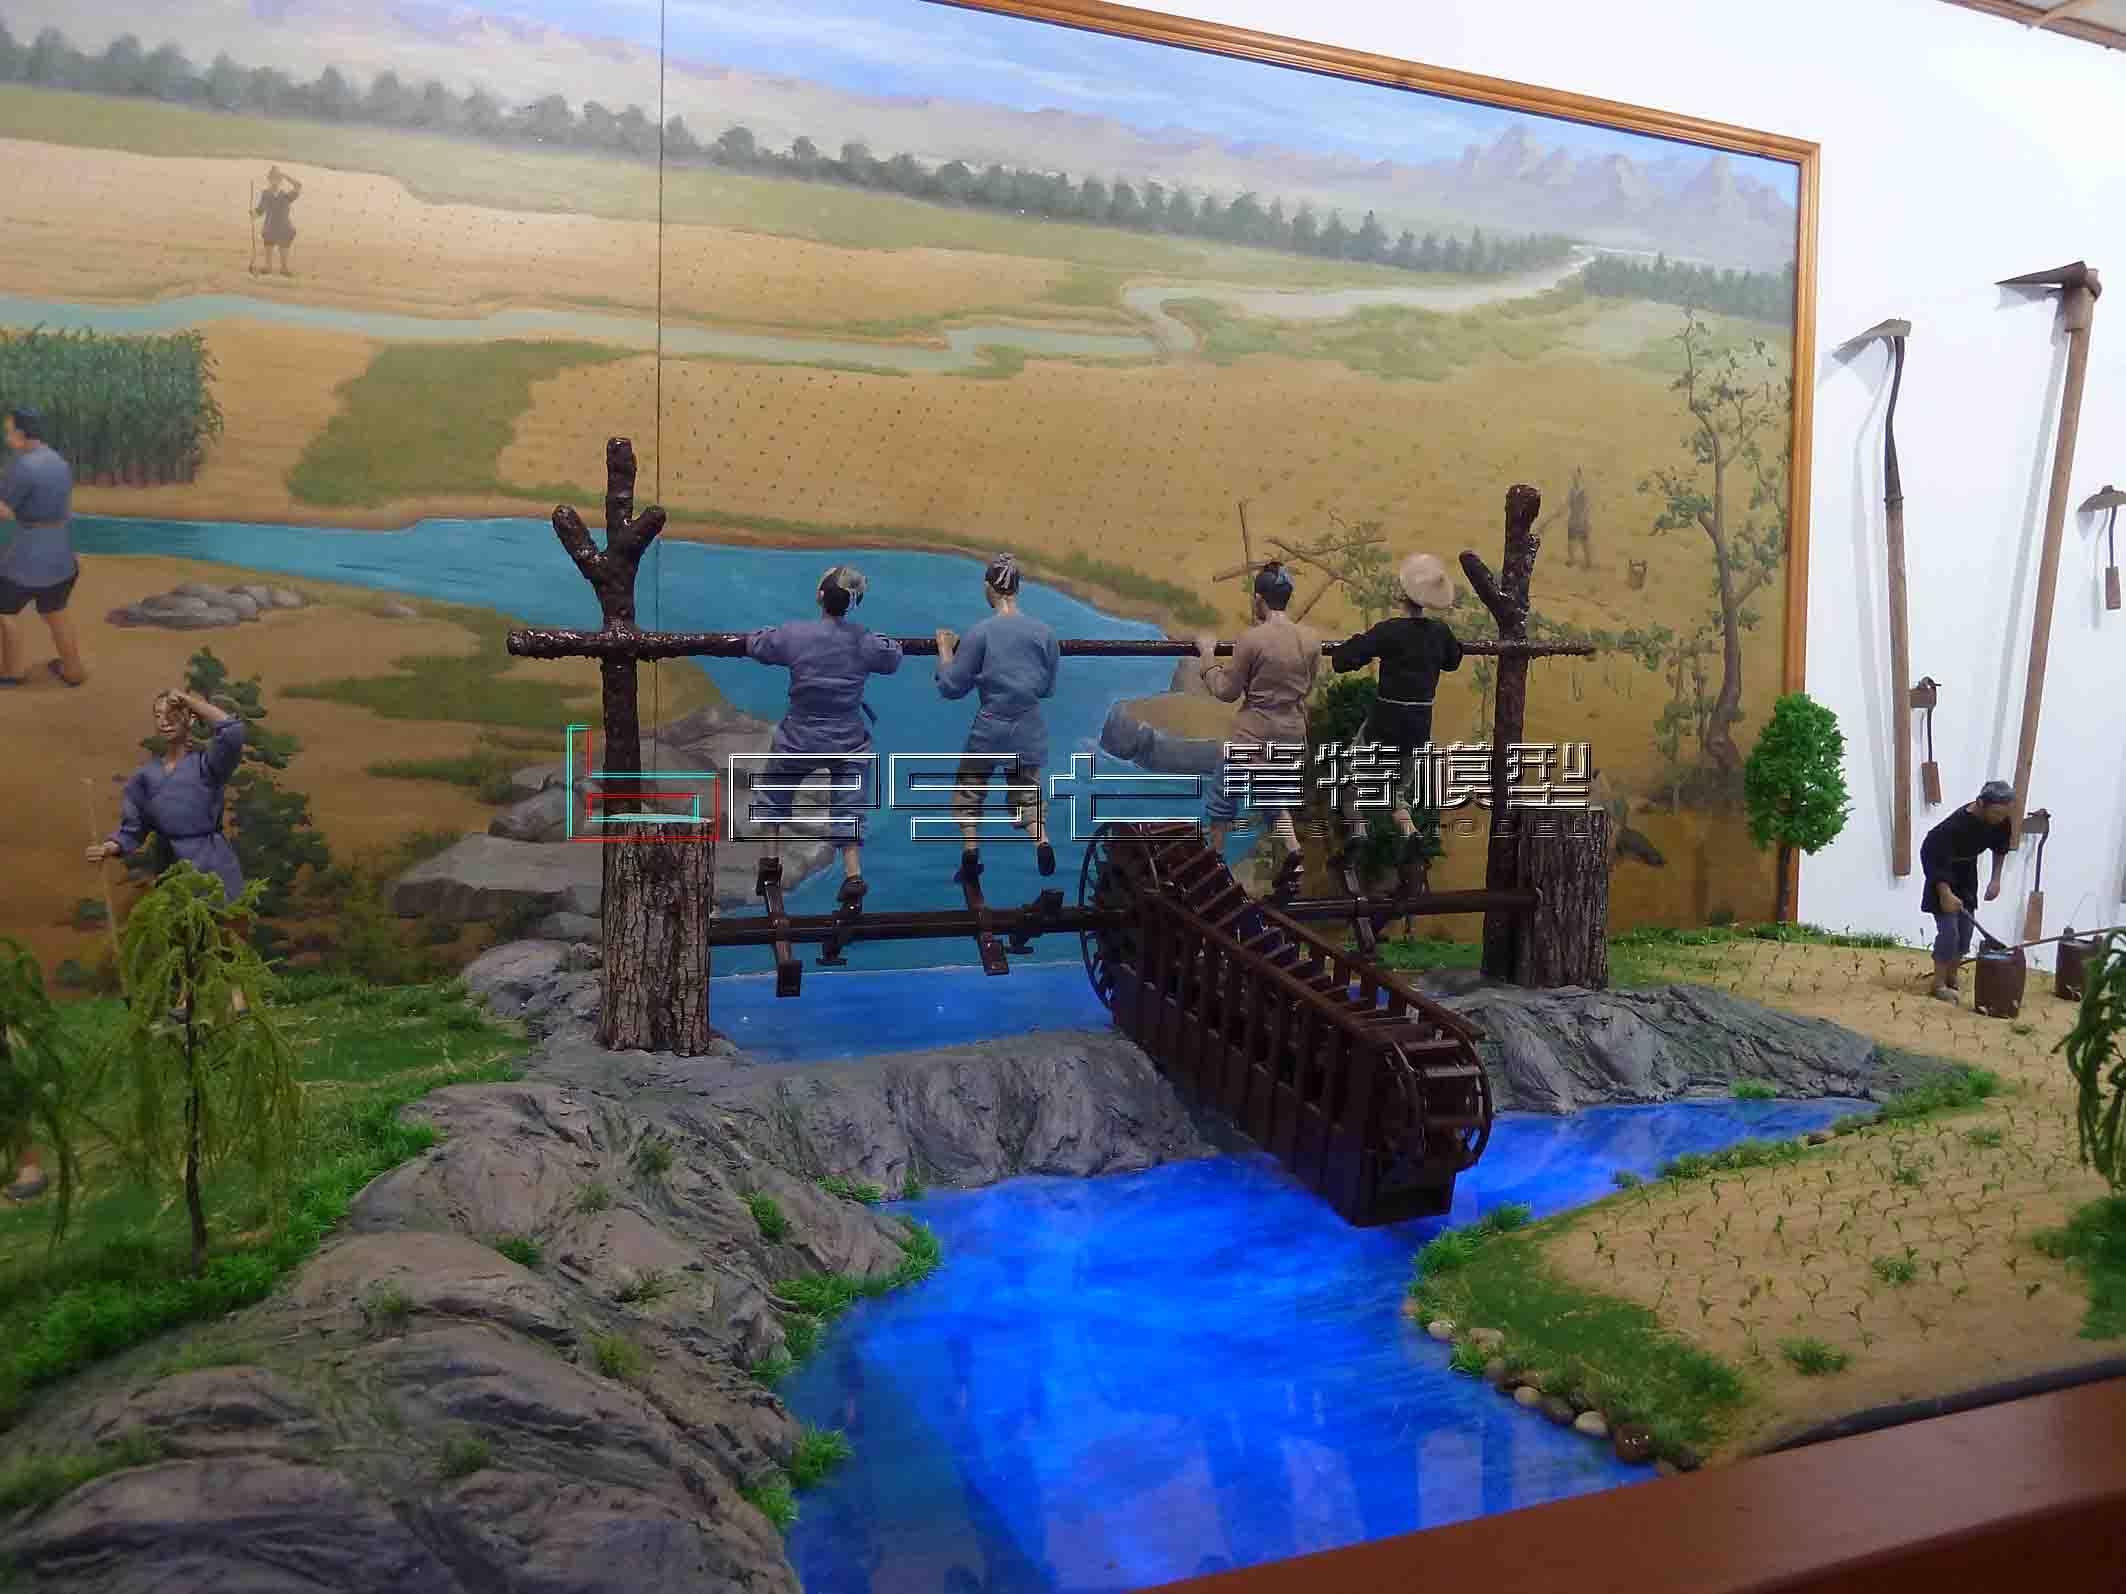 山西水塔集團景觀人物動態模型定制